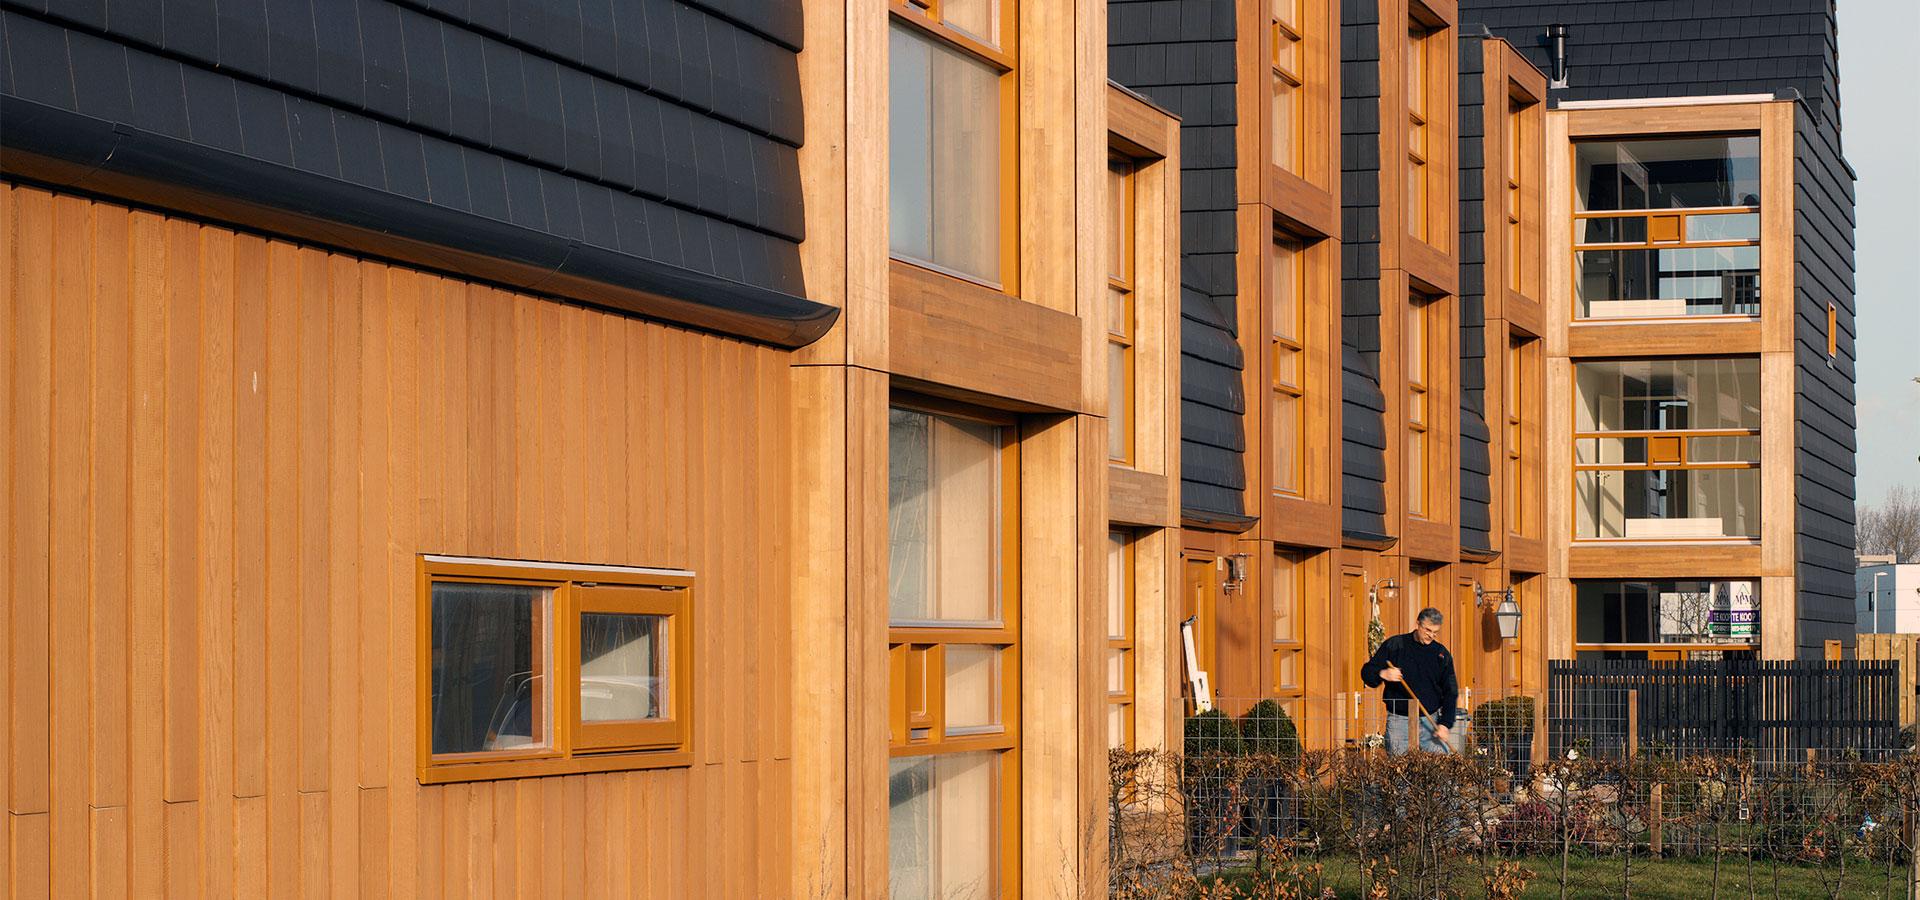 FARO architecten modern dorps Vijfhuizen 02